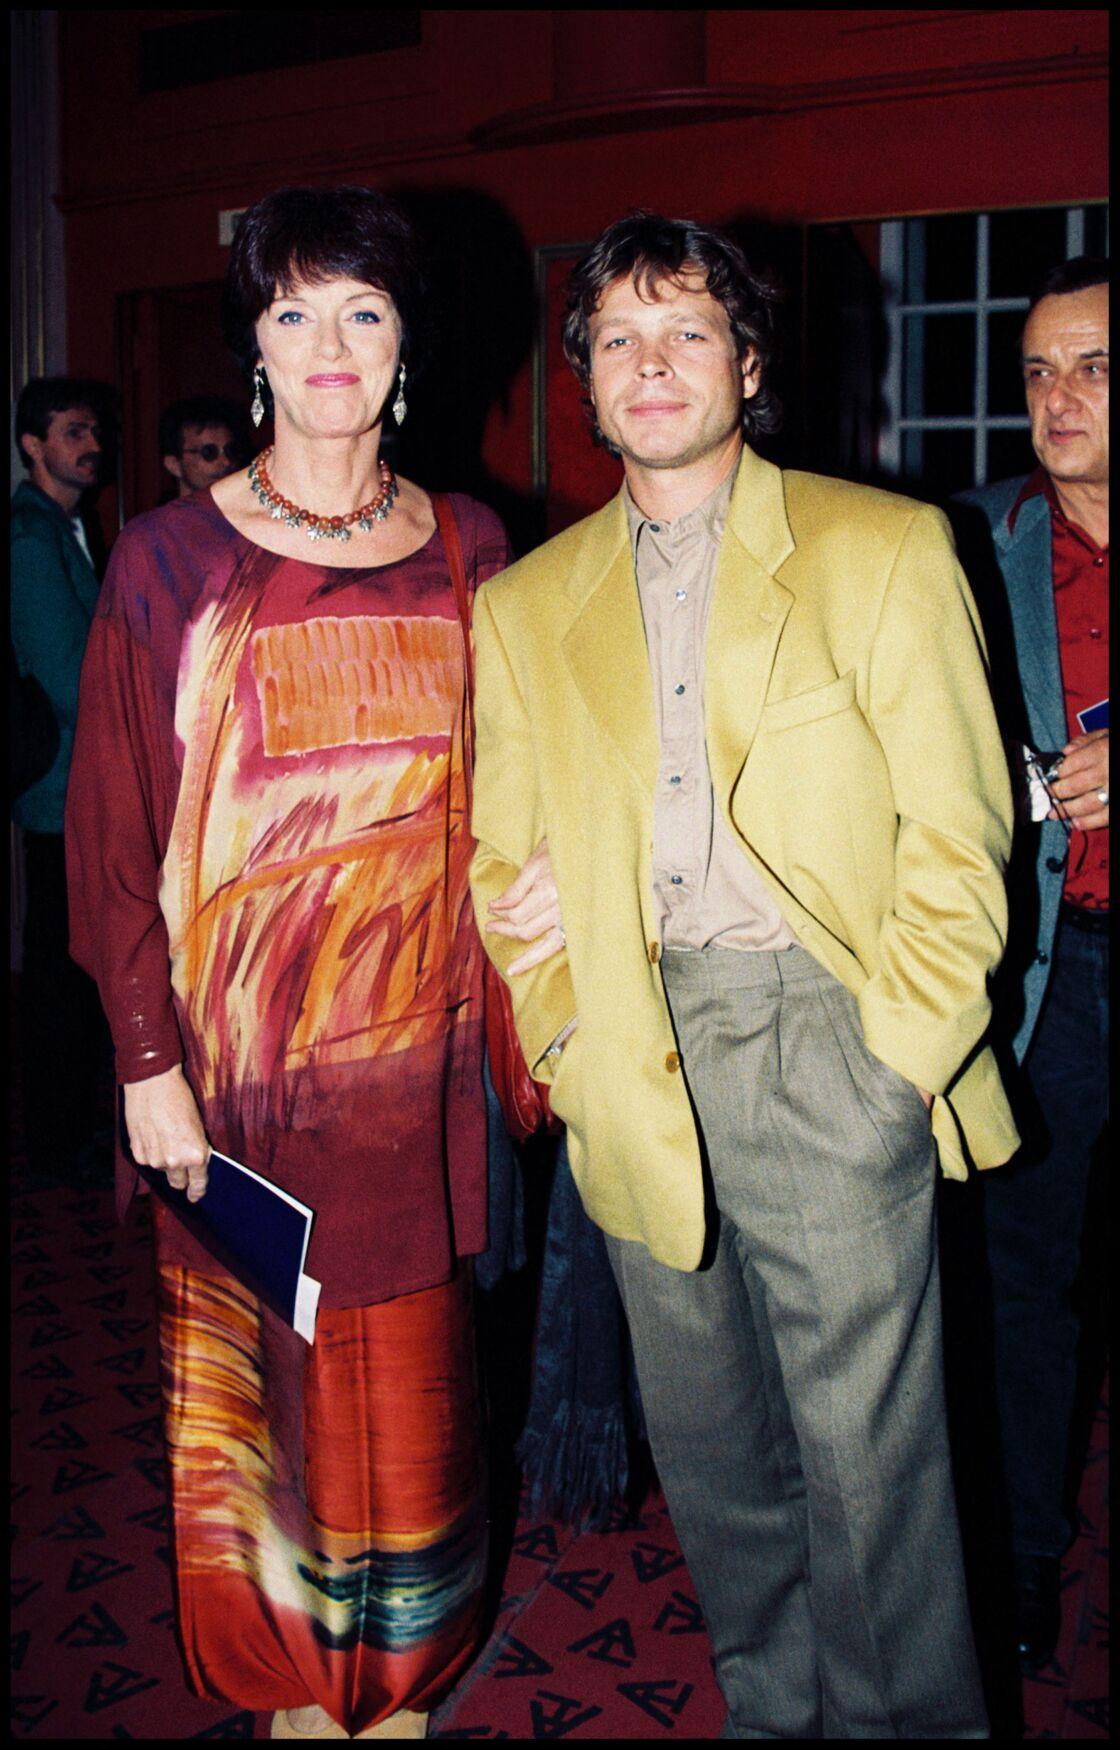 Anny Duperey aux côtés de son compagnon Cris Campion,